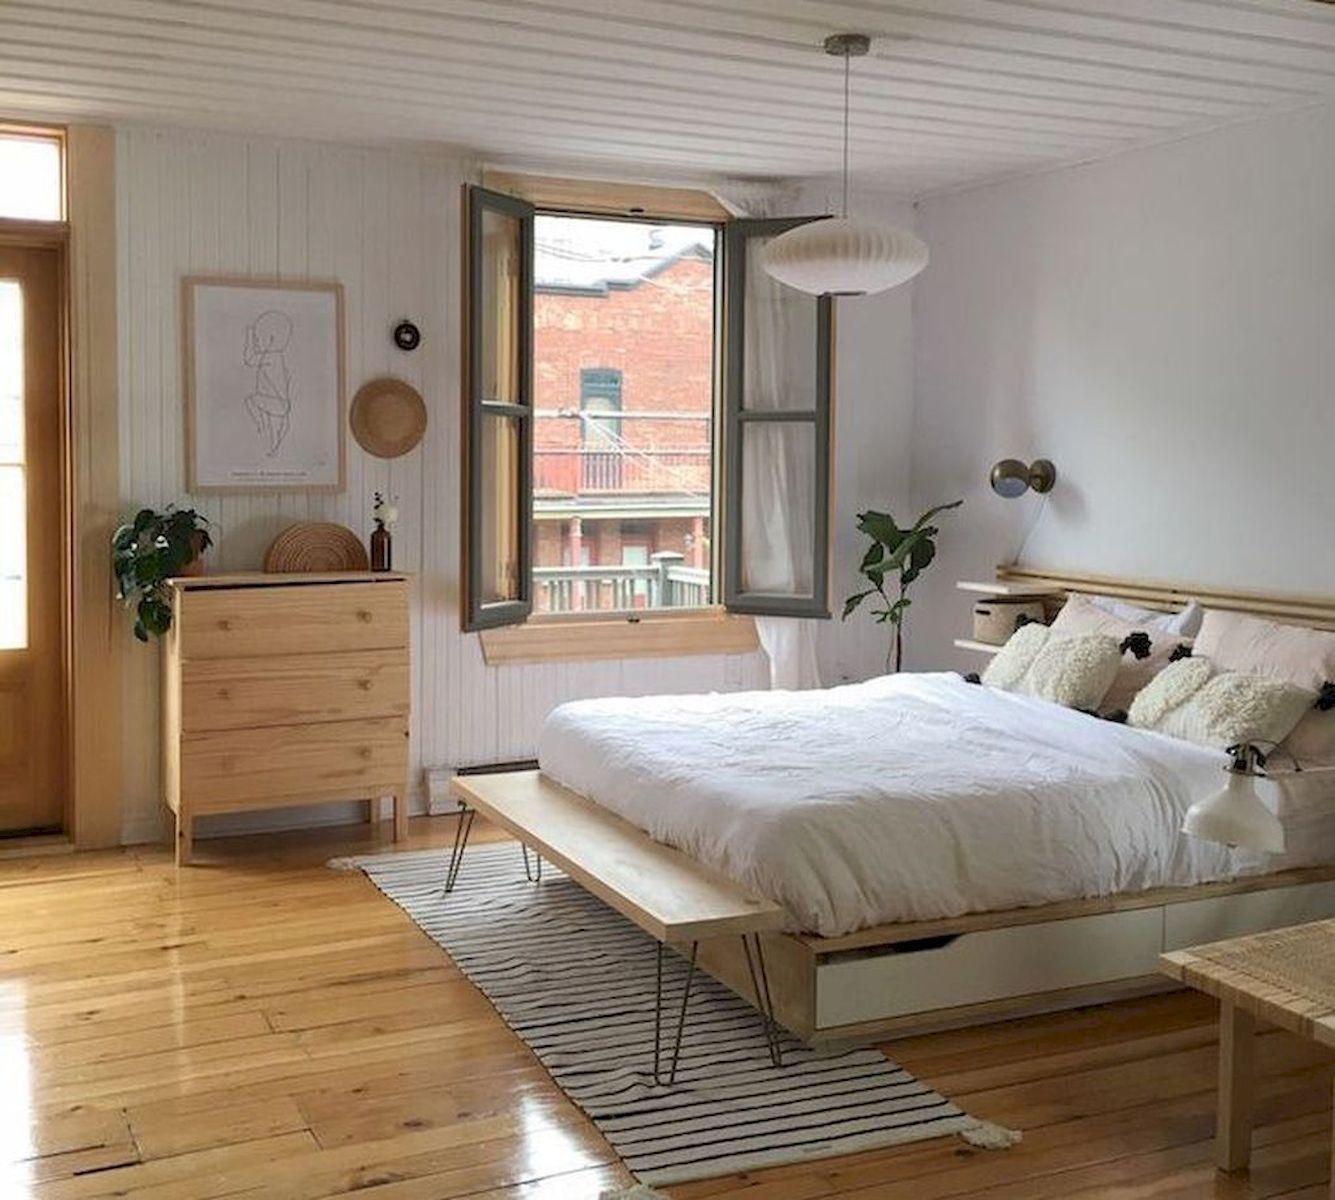 Bedroom Scandinavian Style And Decoration Jihanshanum In 2020 Interior Design Bedroom Scandinavian Design Bedroom Home Decor Bedroom